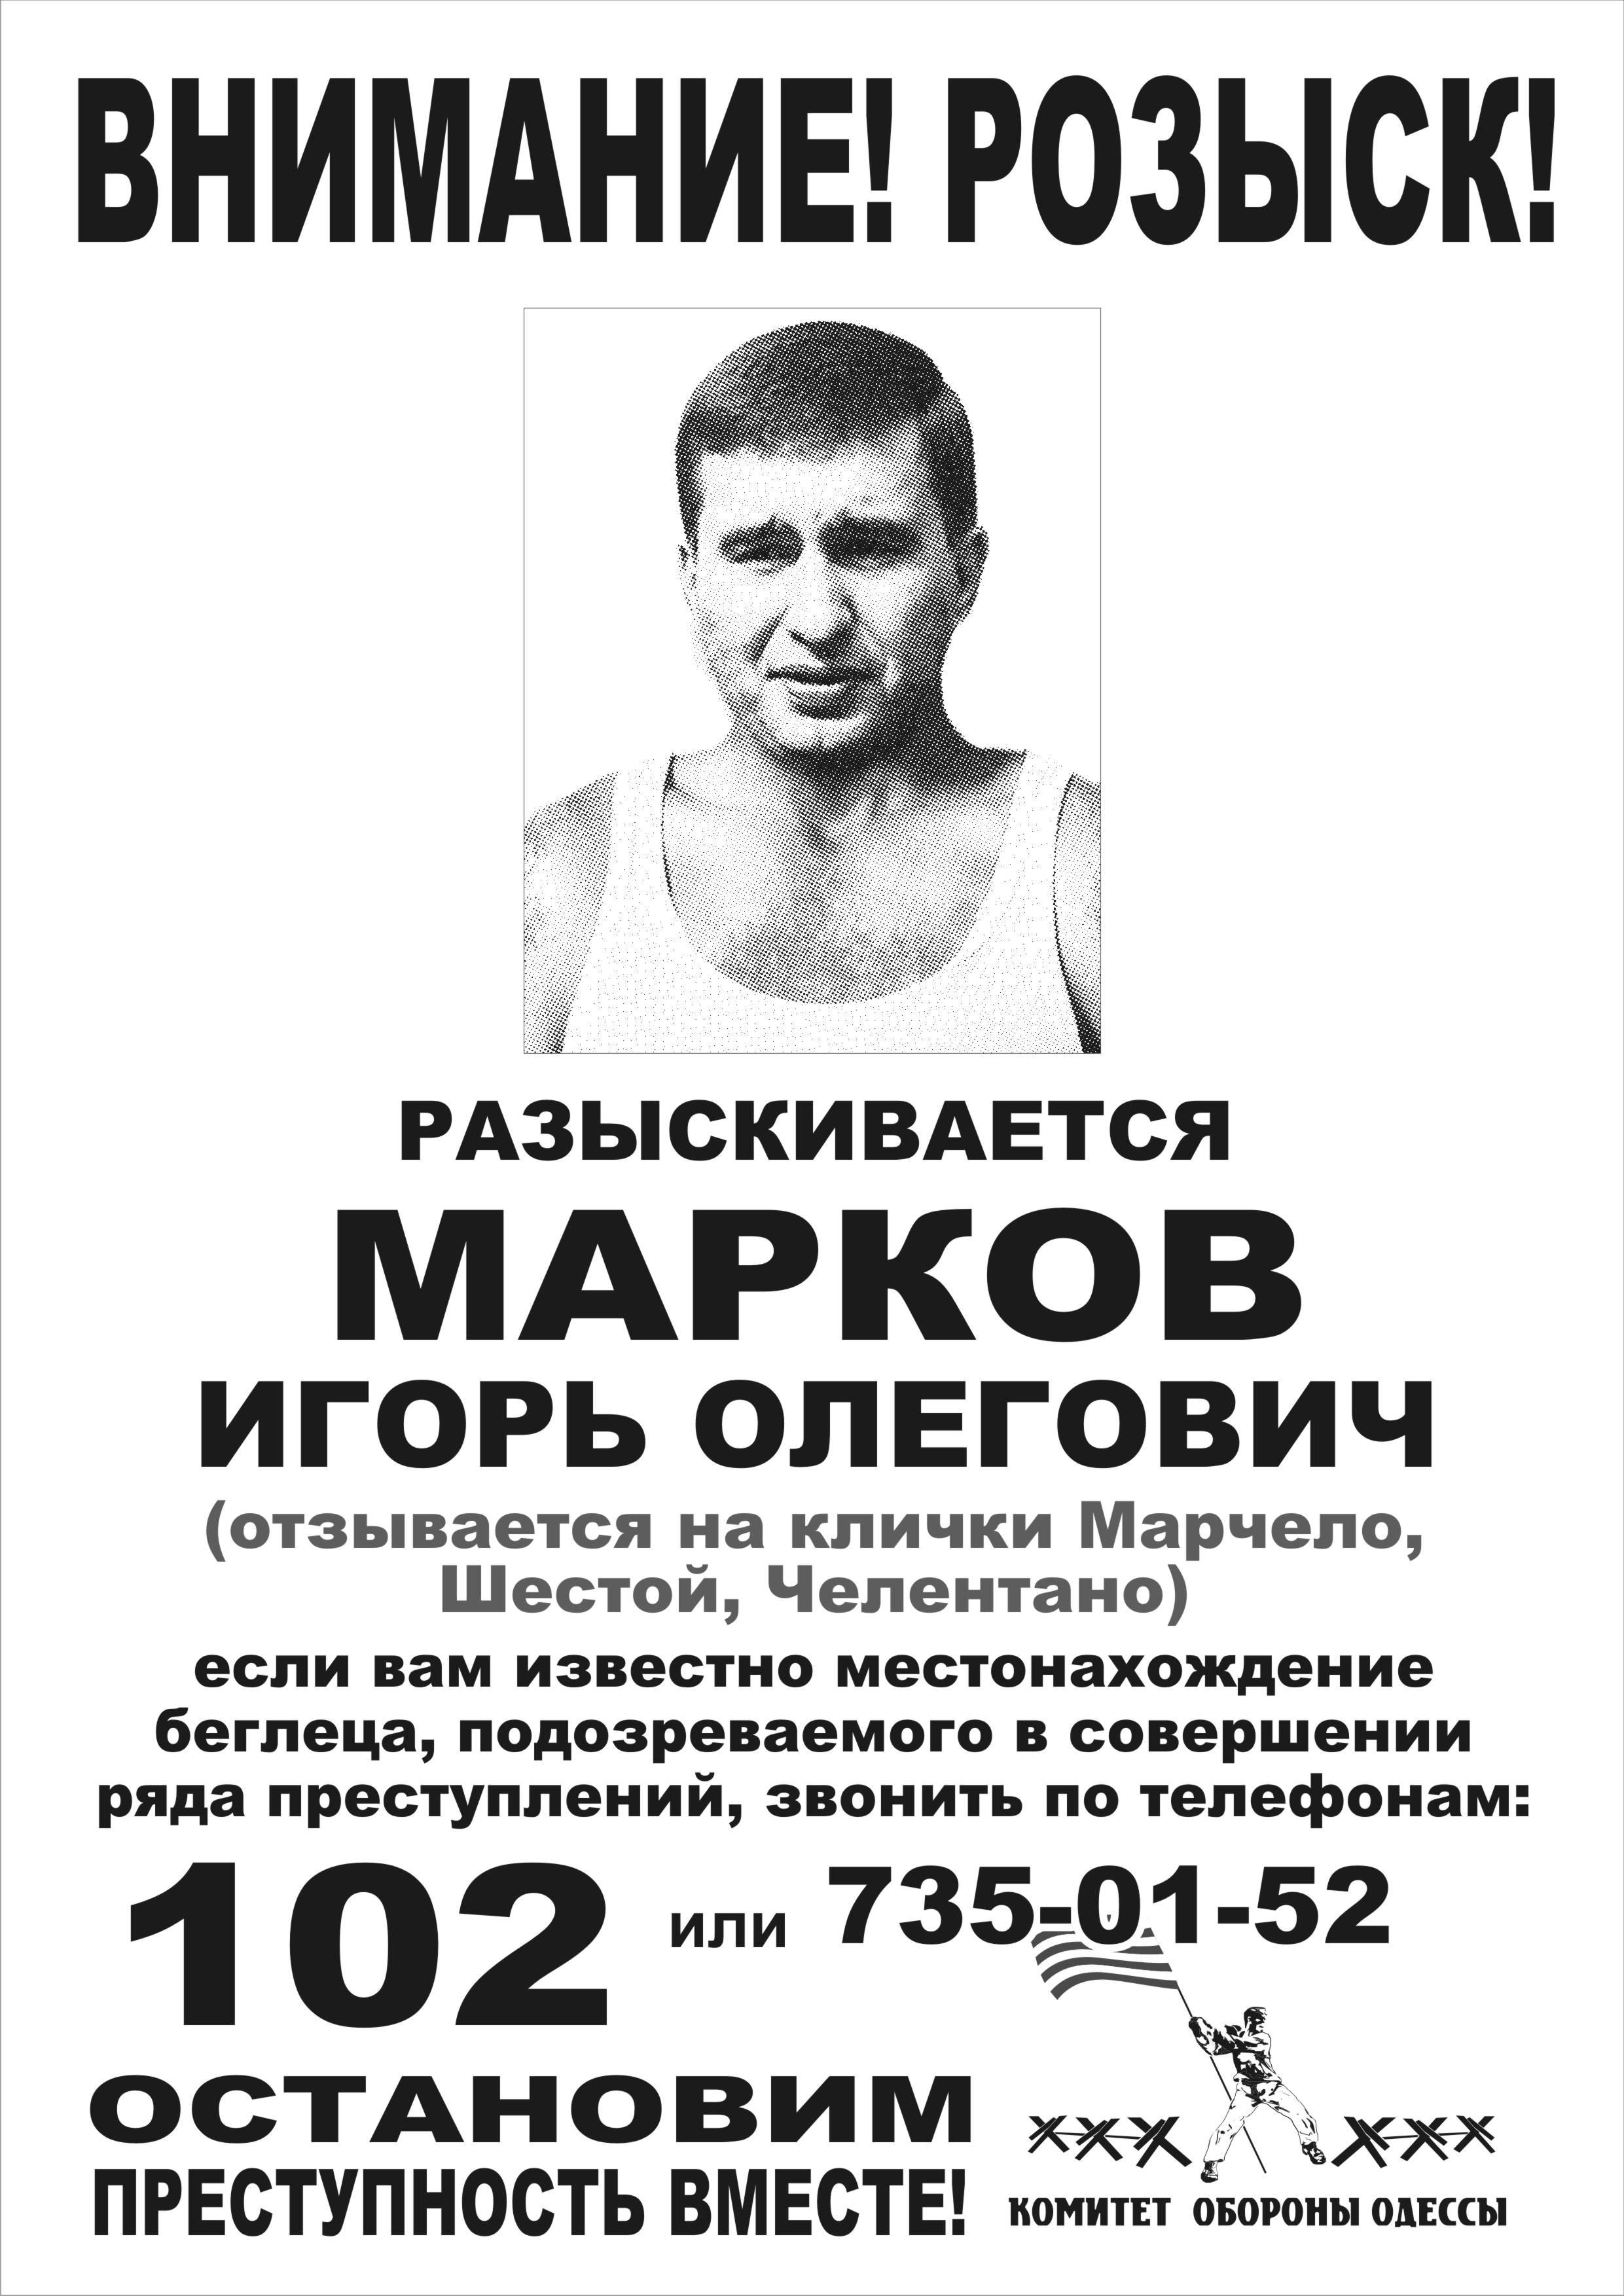 Маркова обвинят в убийствах и миллиардных ограблениях: он пройдет весь абсурд той системы, которую раньше обслуживал, - Луценко - Цензор.НЕТ 396